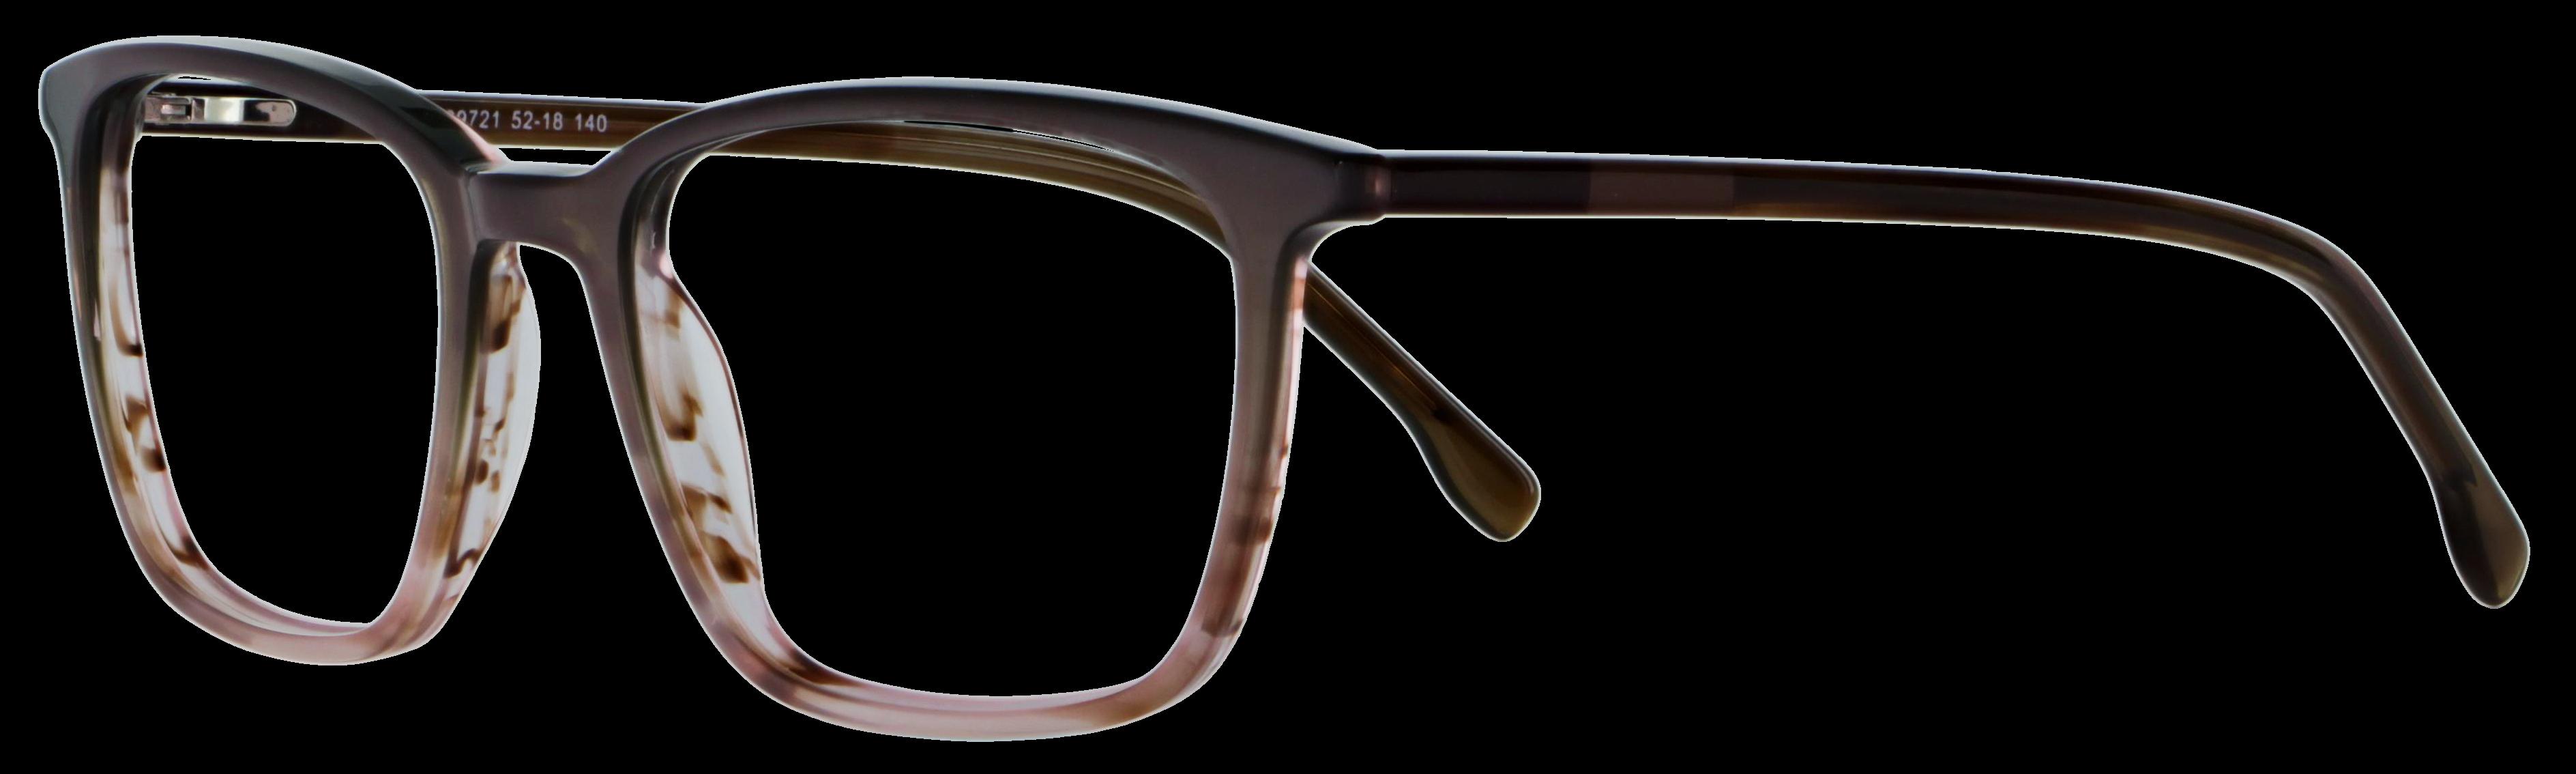 abele optik Brille 139721